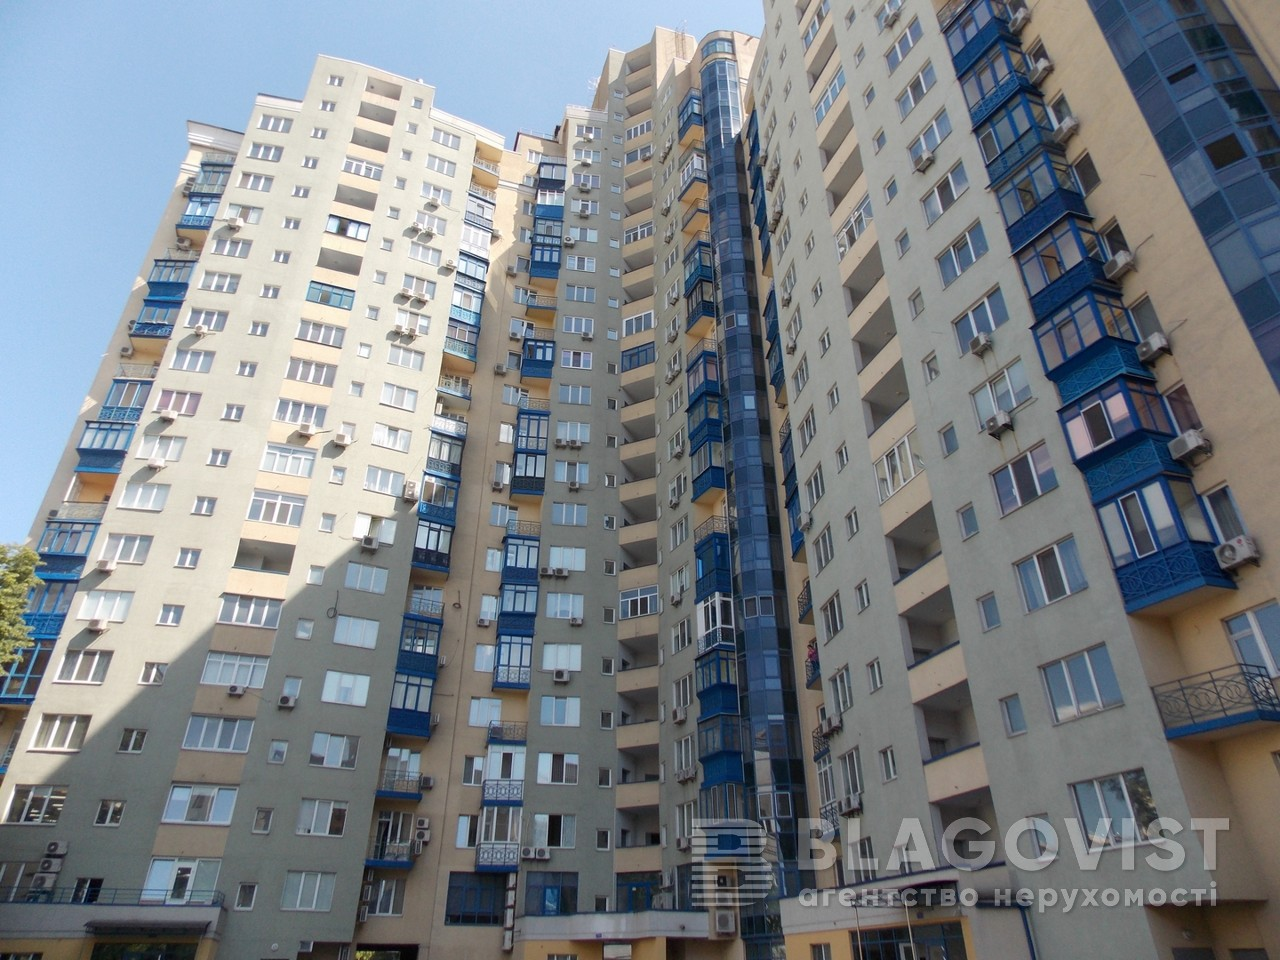 Квартира P-5530, Московская, 46/2, Киев - Фото 2